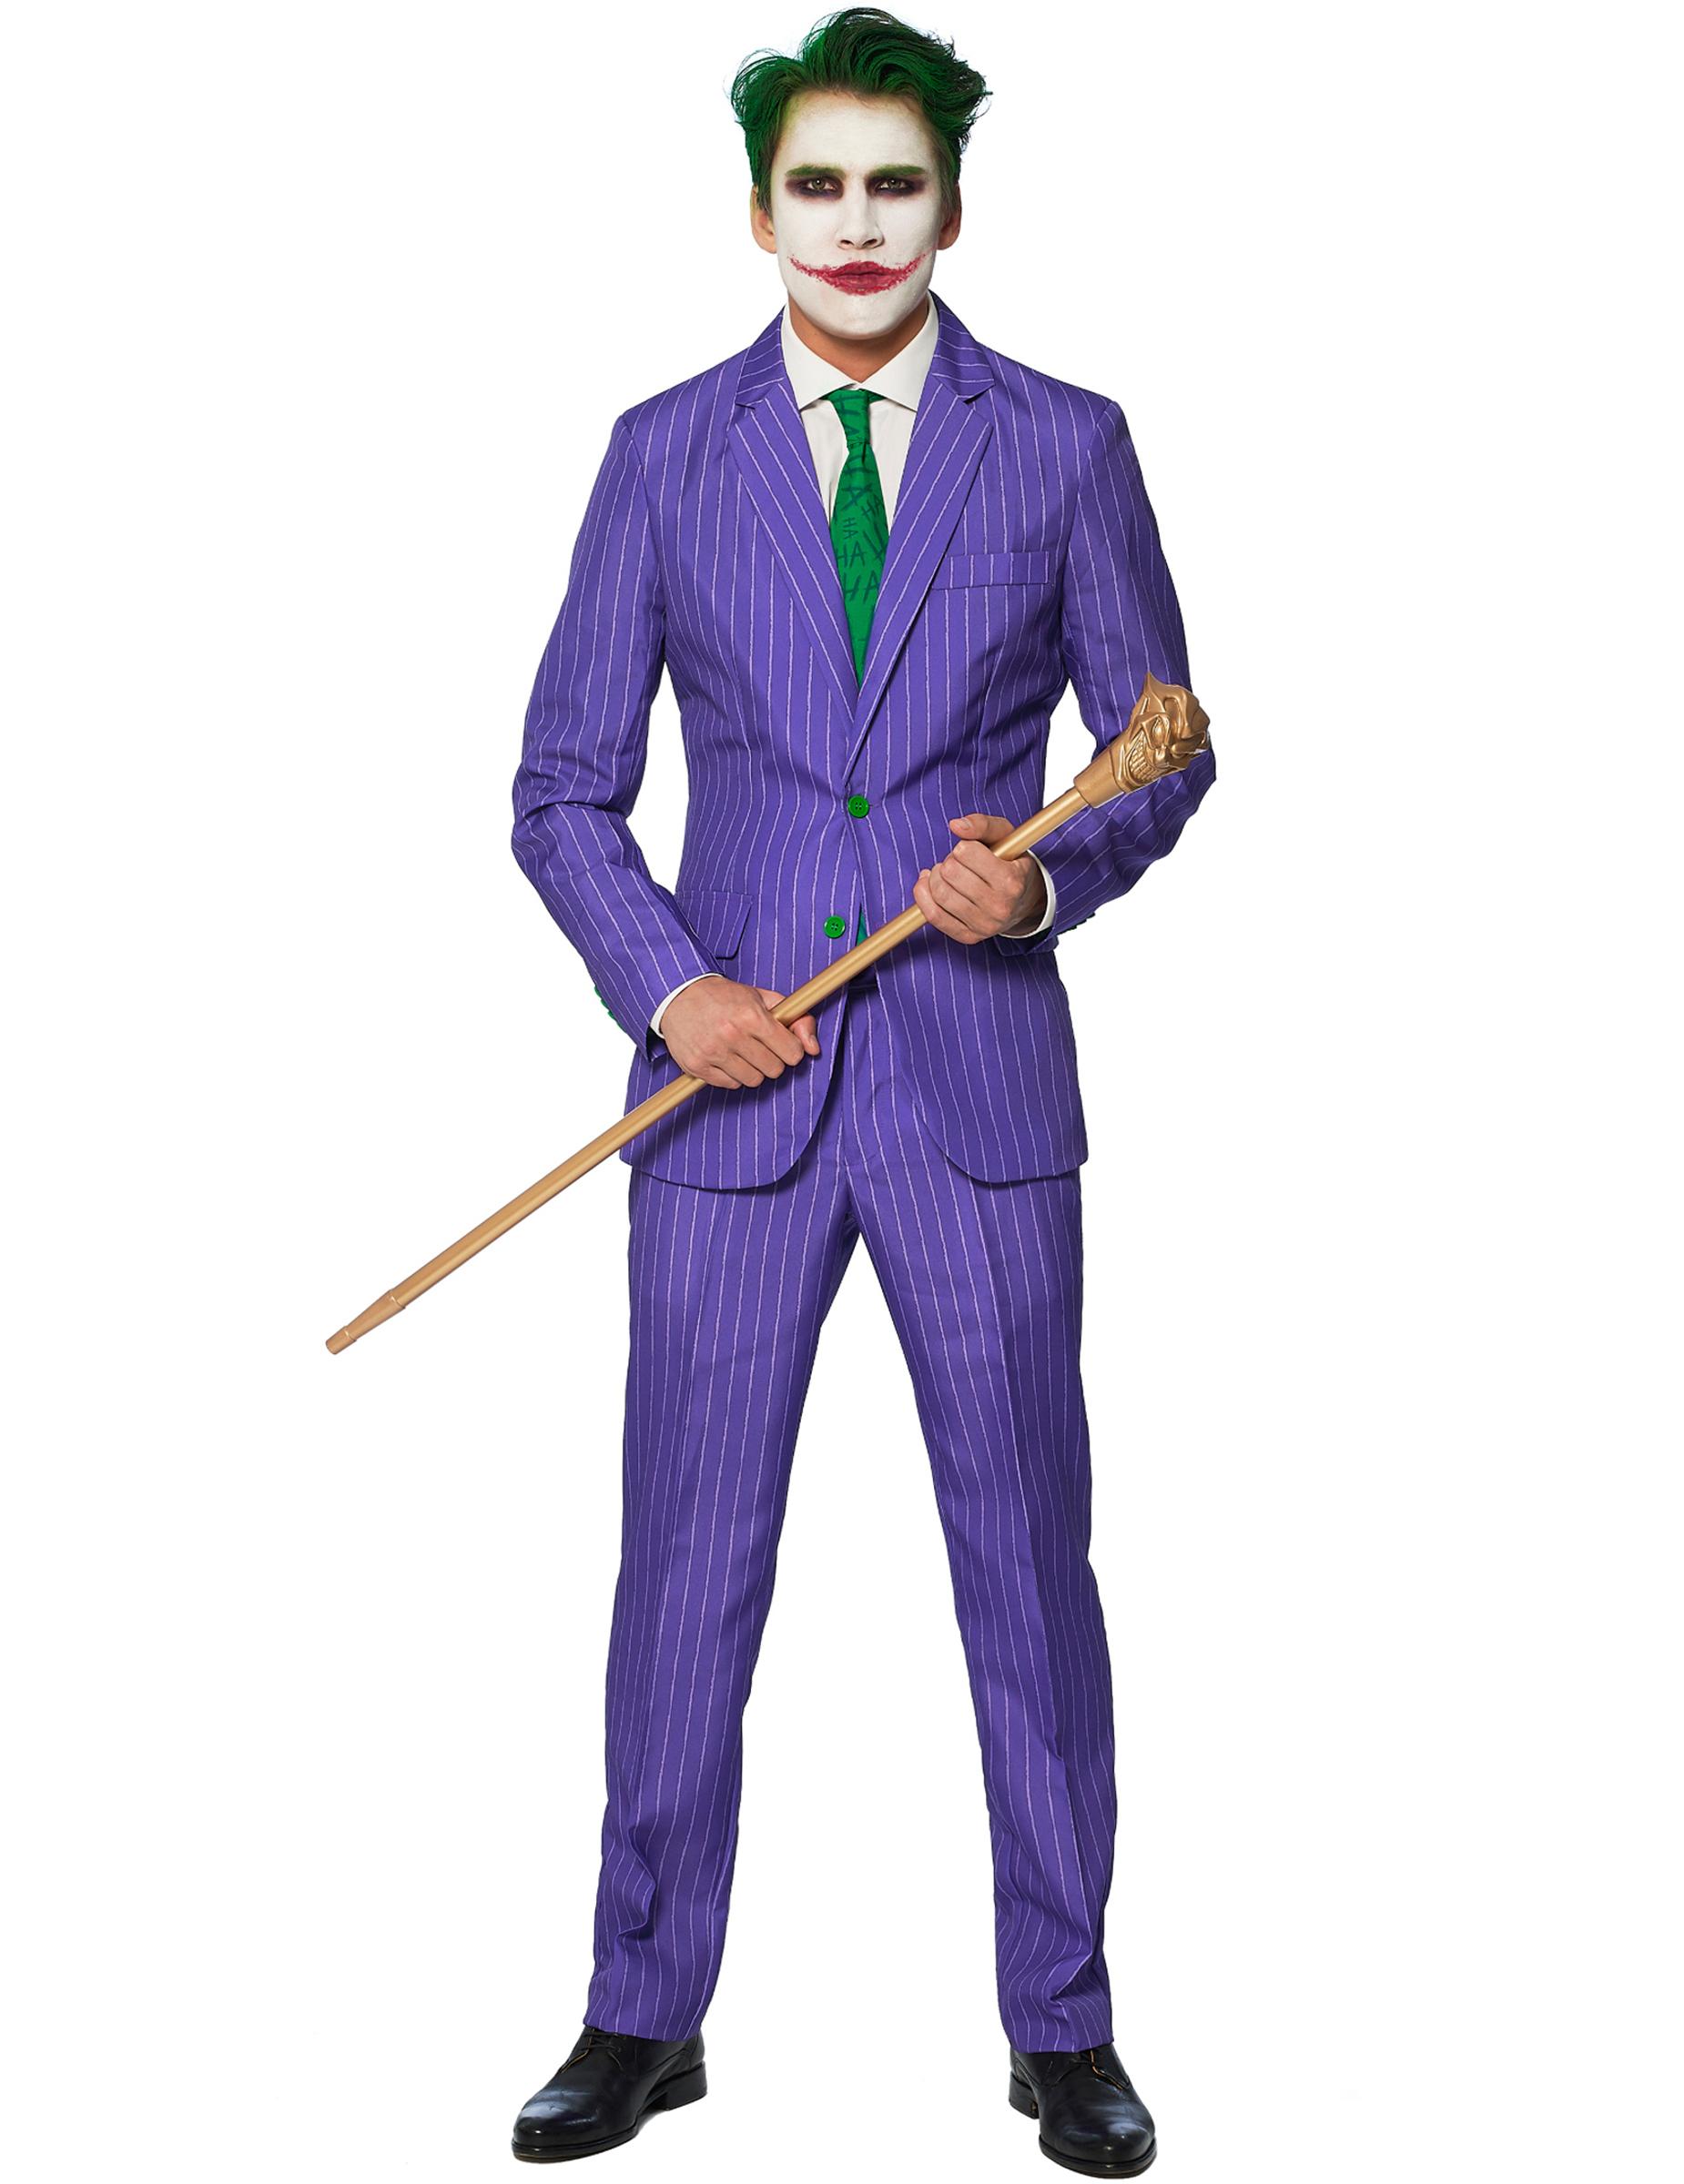 Mr. Joker™ Kostüm für Herren Suitmeister™ Halloween Kostüm violett grün